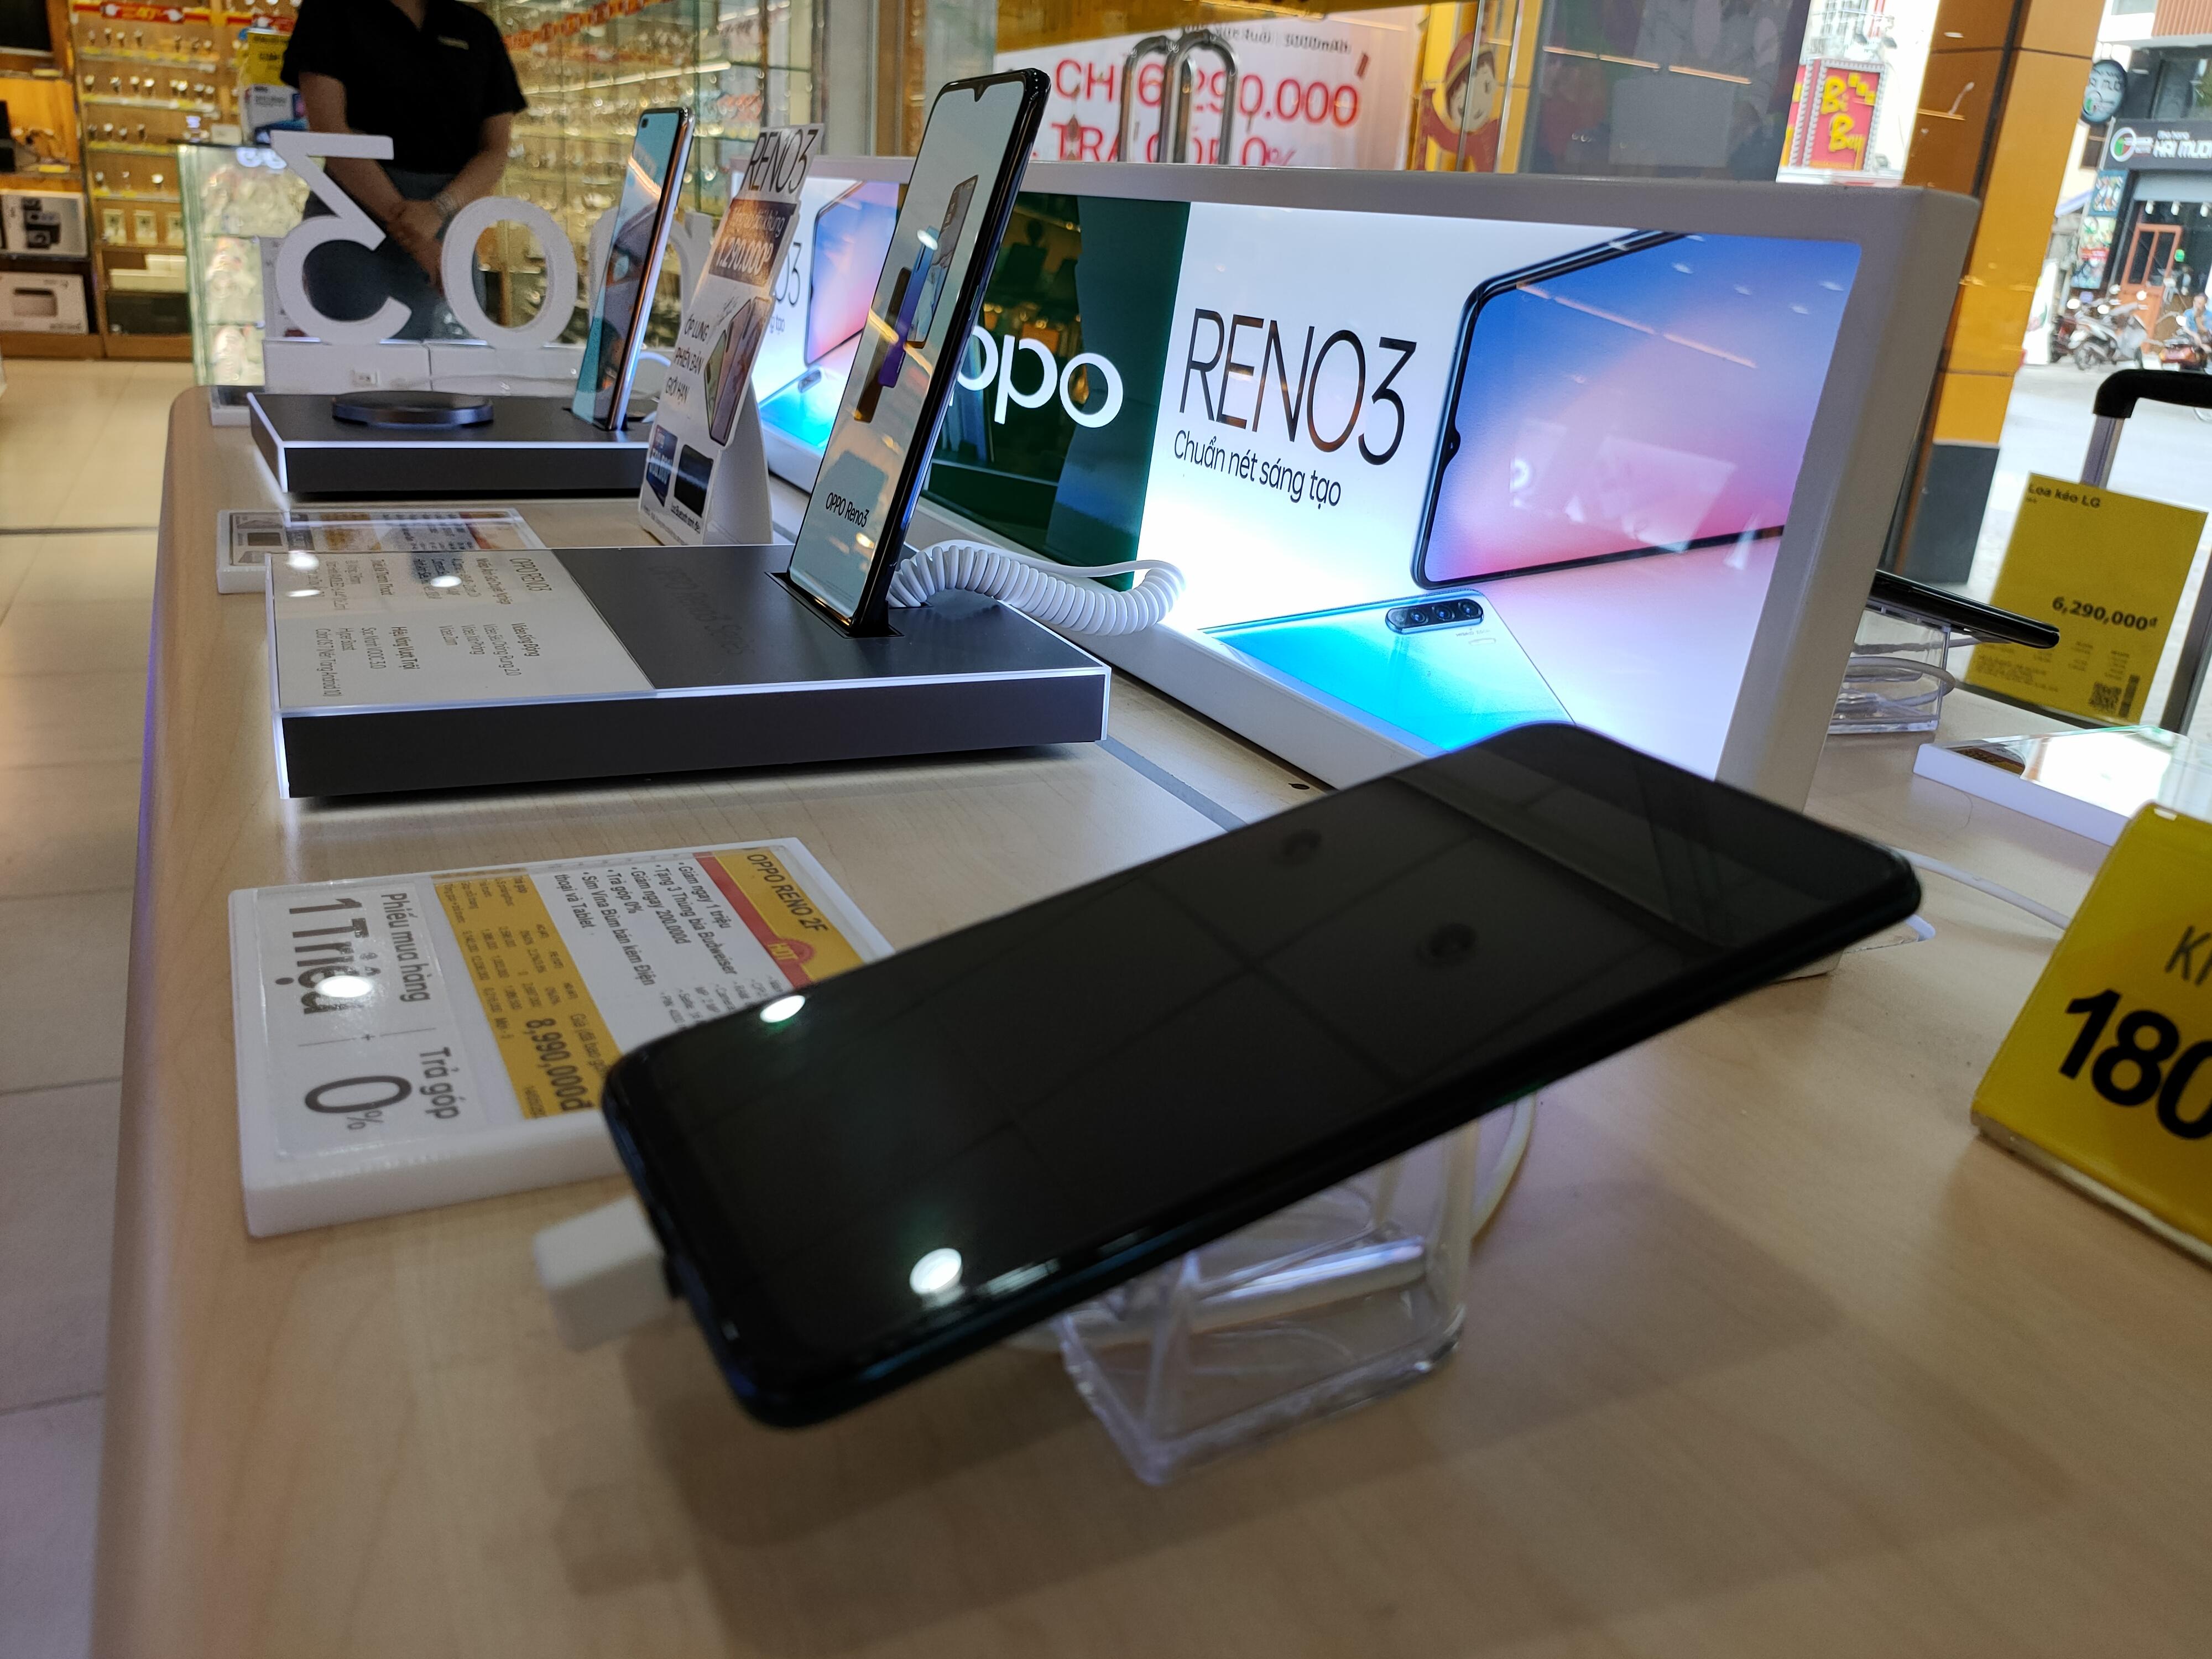 Điện thoại giảm giá: iPhone tiếp tục biến động, Android ngập tràn ưu đãi - Ảnh 1.